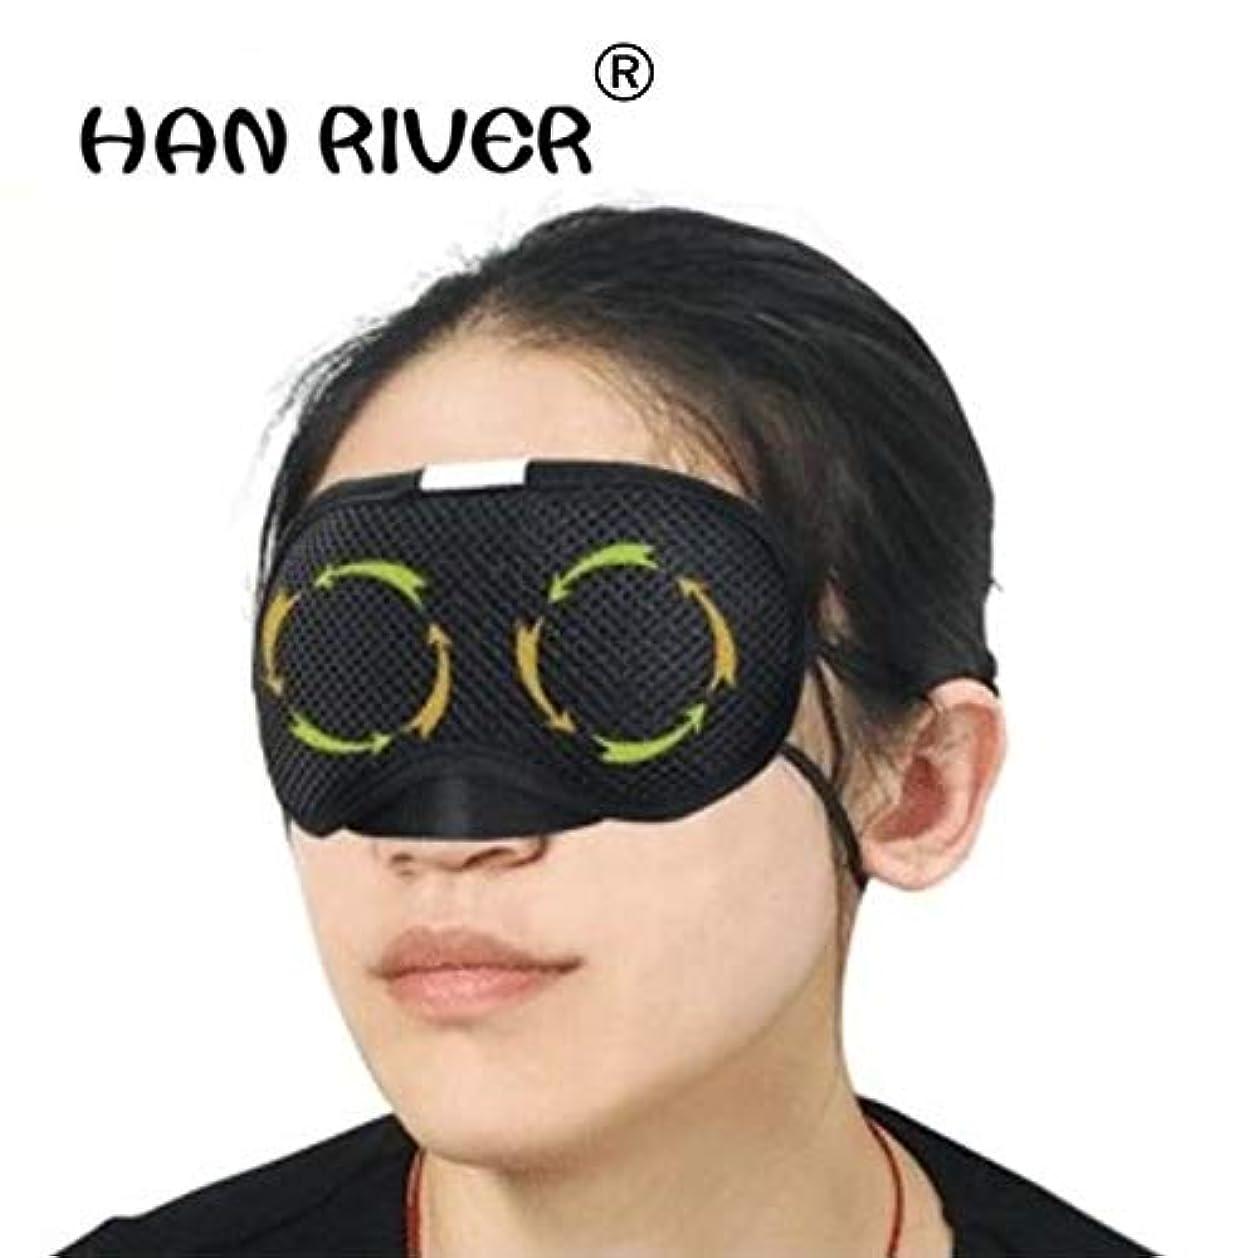 内部魔法協定注竹炭アイマスク通気性の綿の男性と女性の睡眠パッチの日陰夏の目の保護ホームパッチ